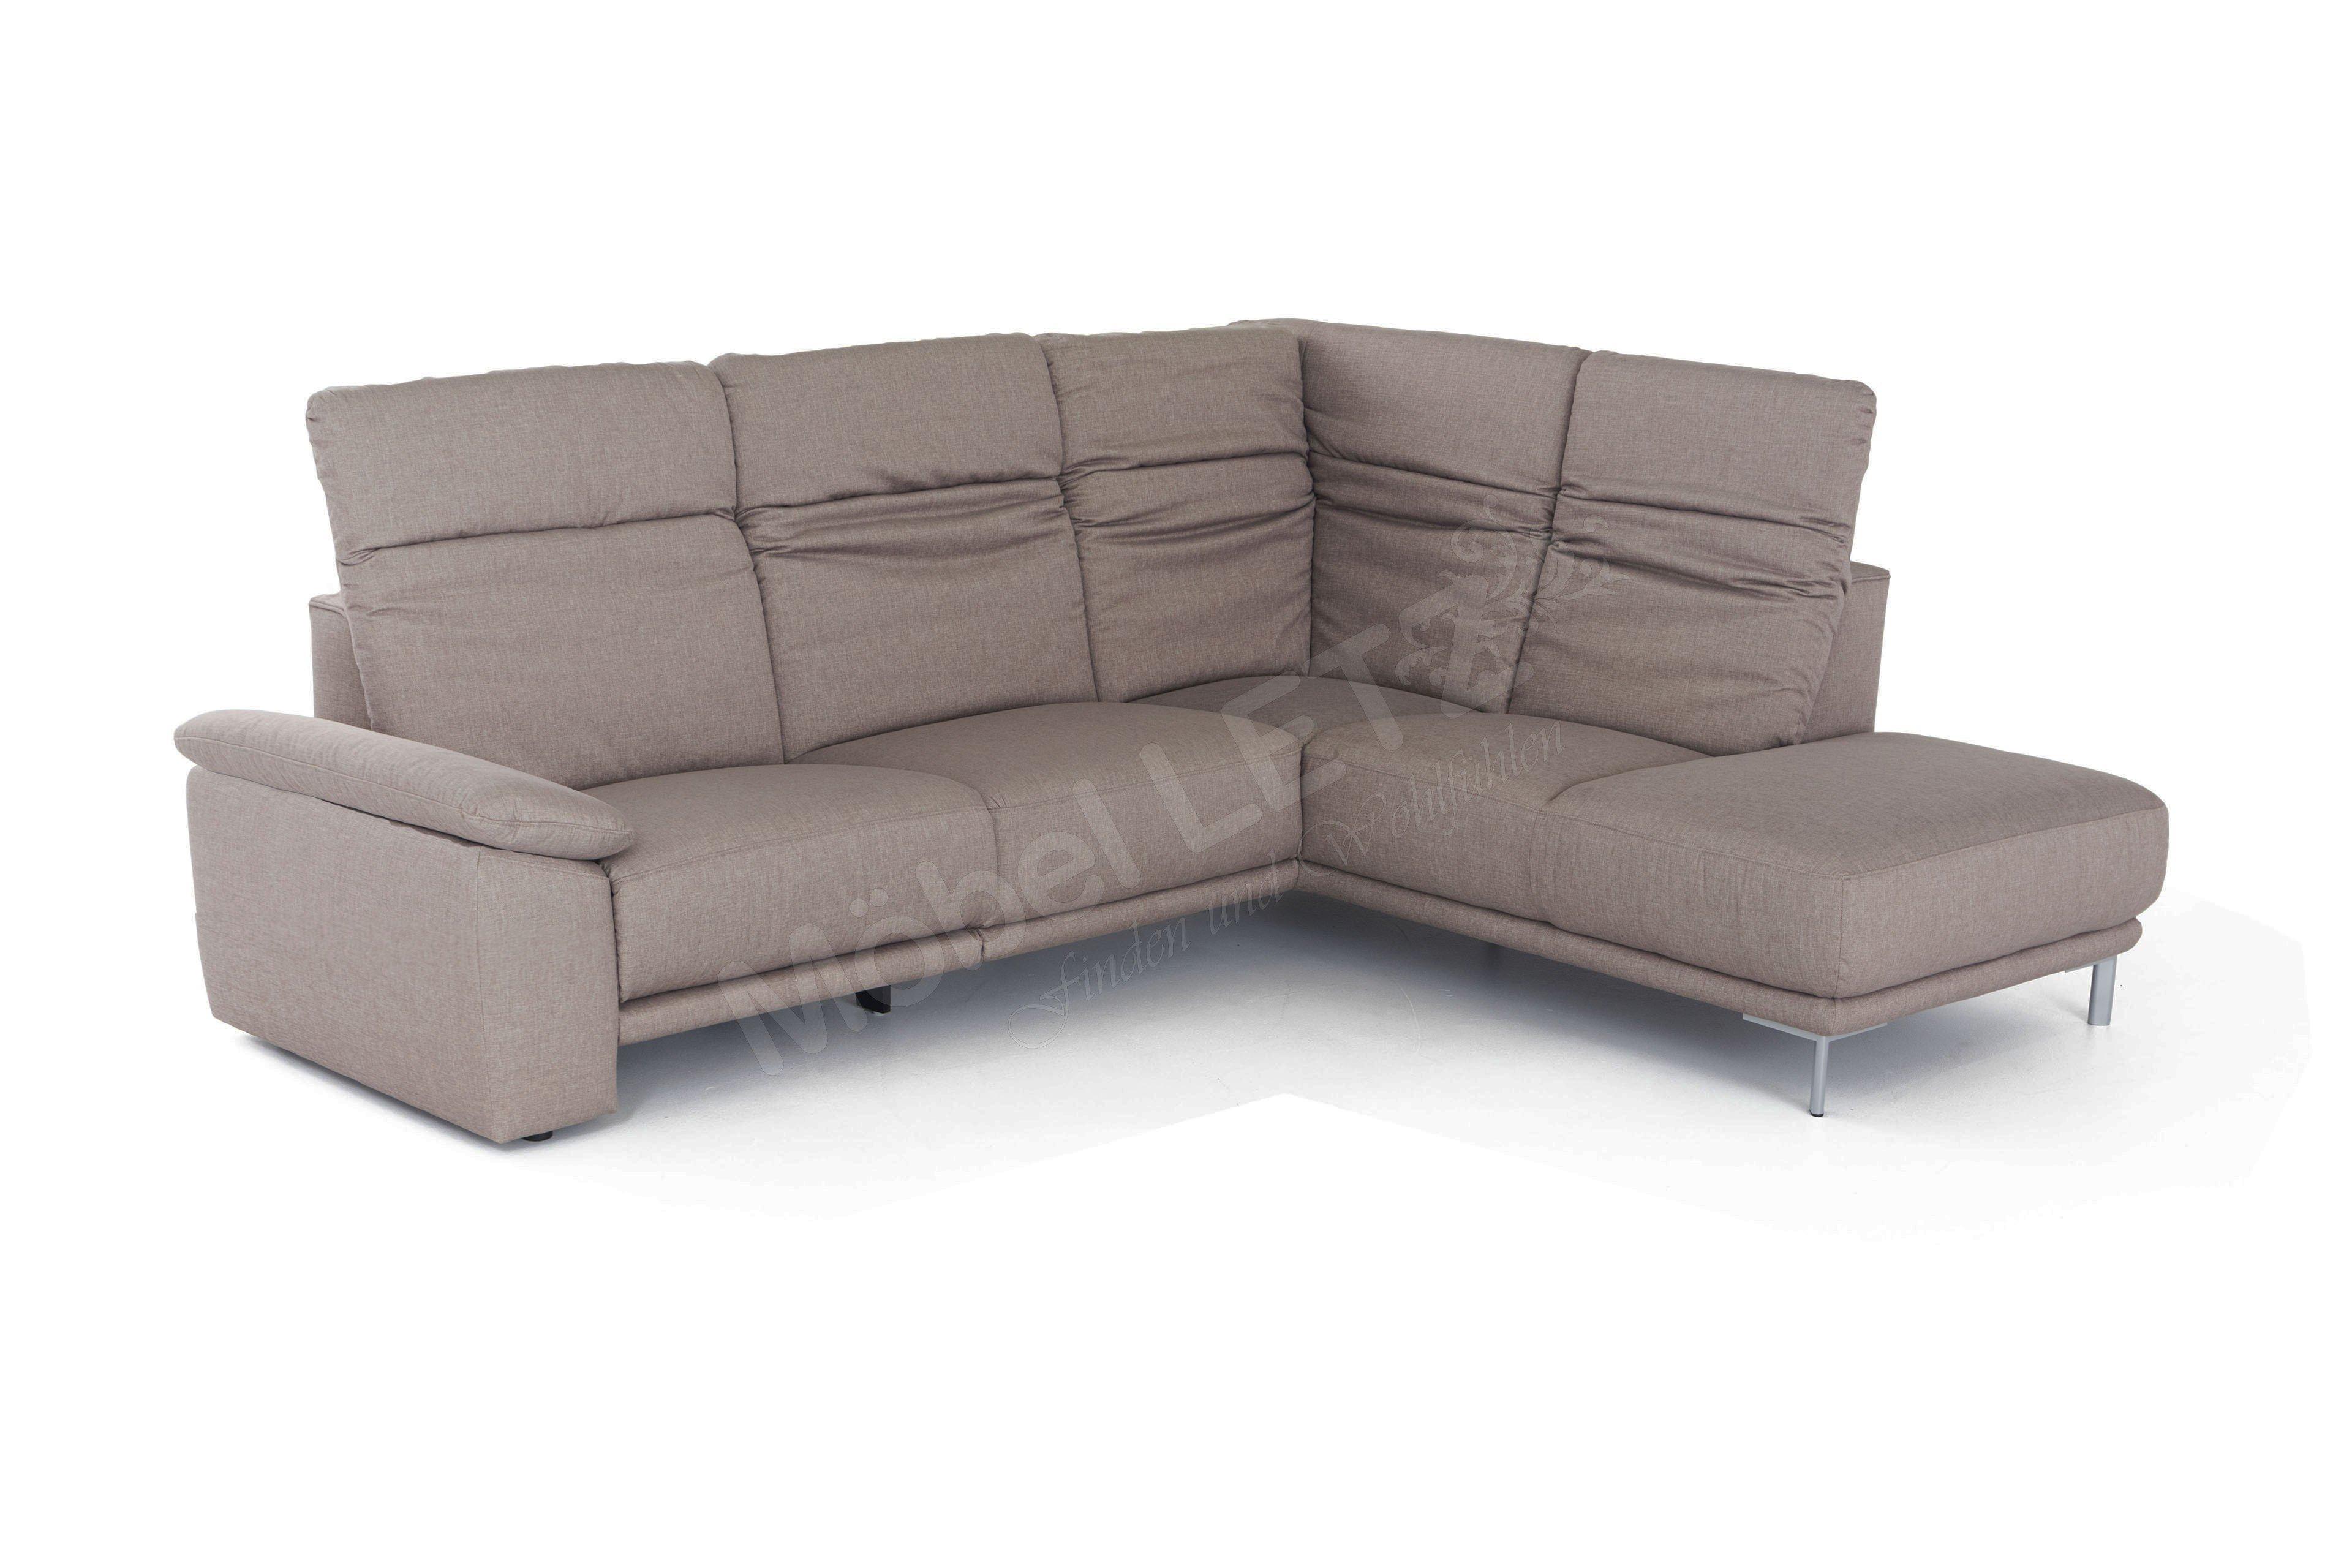 gruber polsterm bel roma polstergarnitur in braun m bel letz ihr online shop. Black Bedroom Furniture Sets. Home Design Ideas